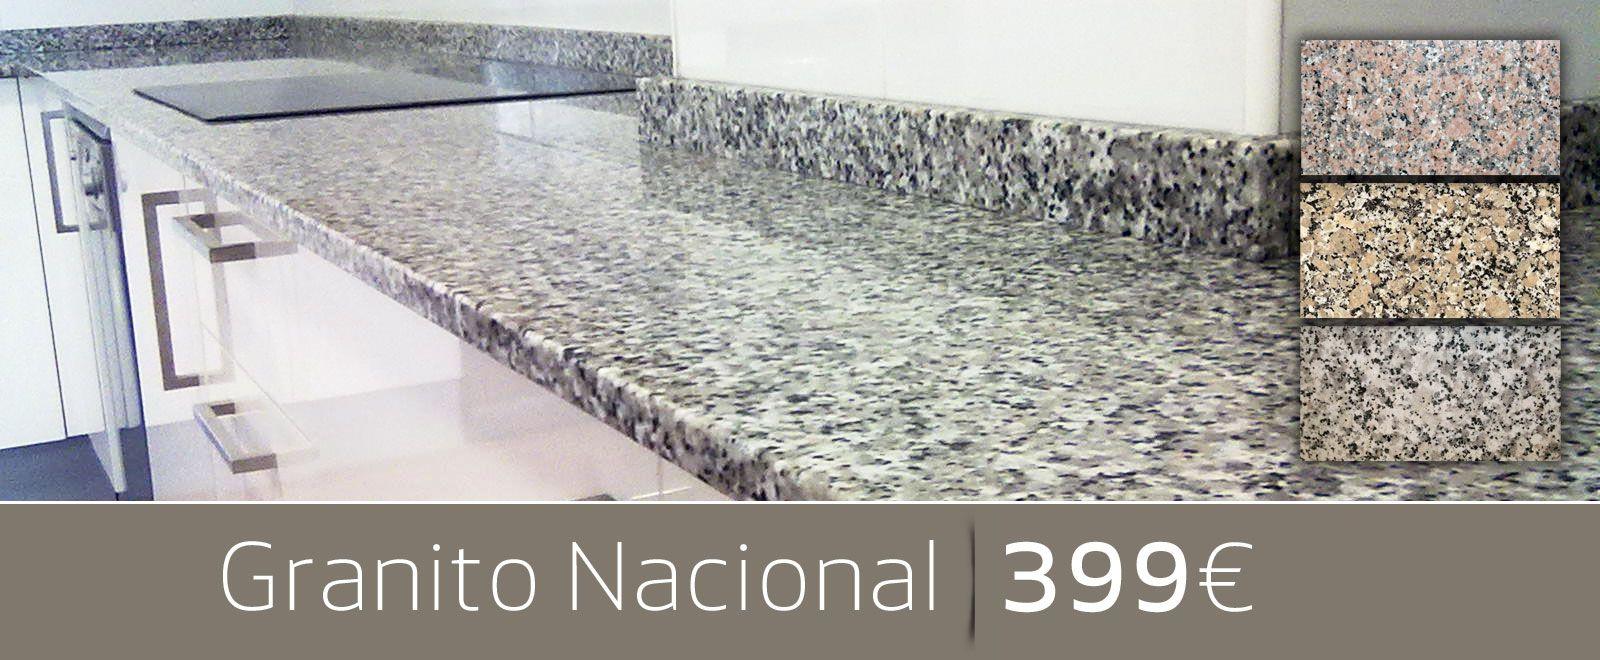 Oferta encimera granito nacional things pinterest for Encimeras de granito nacional